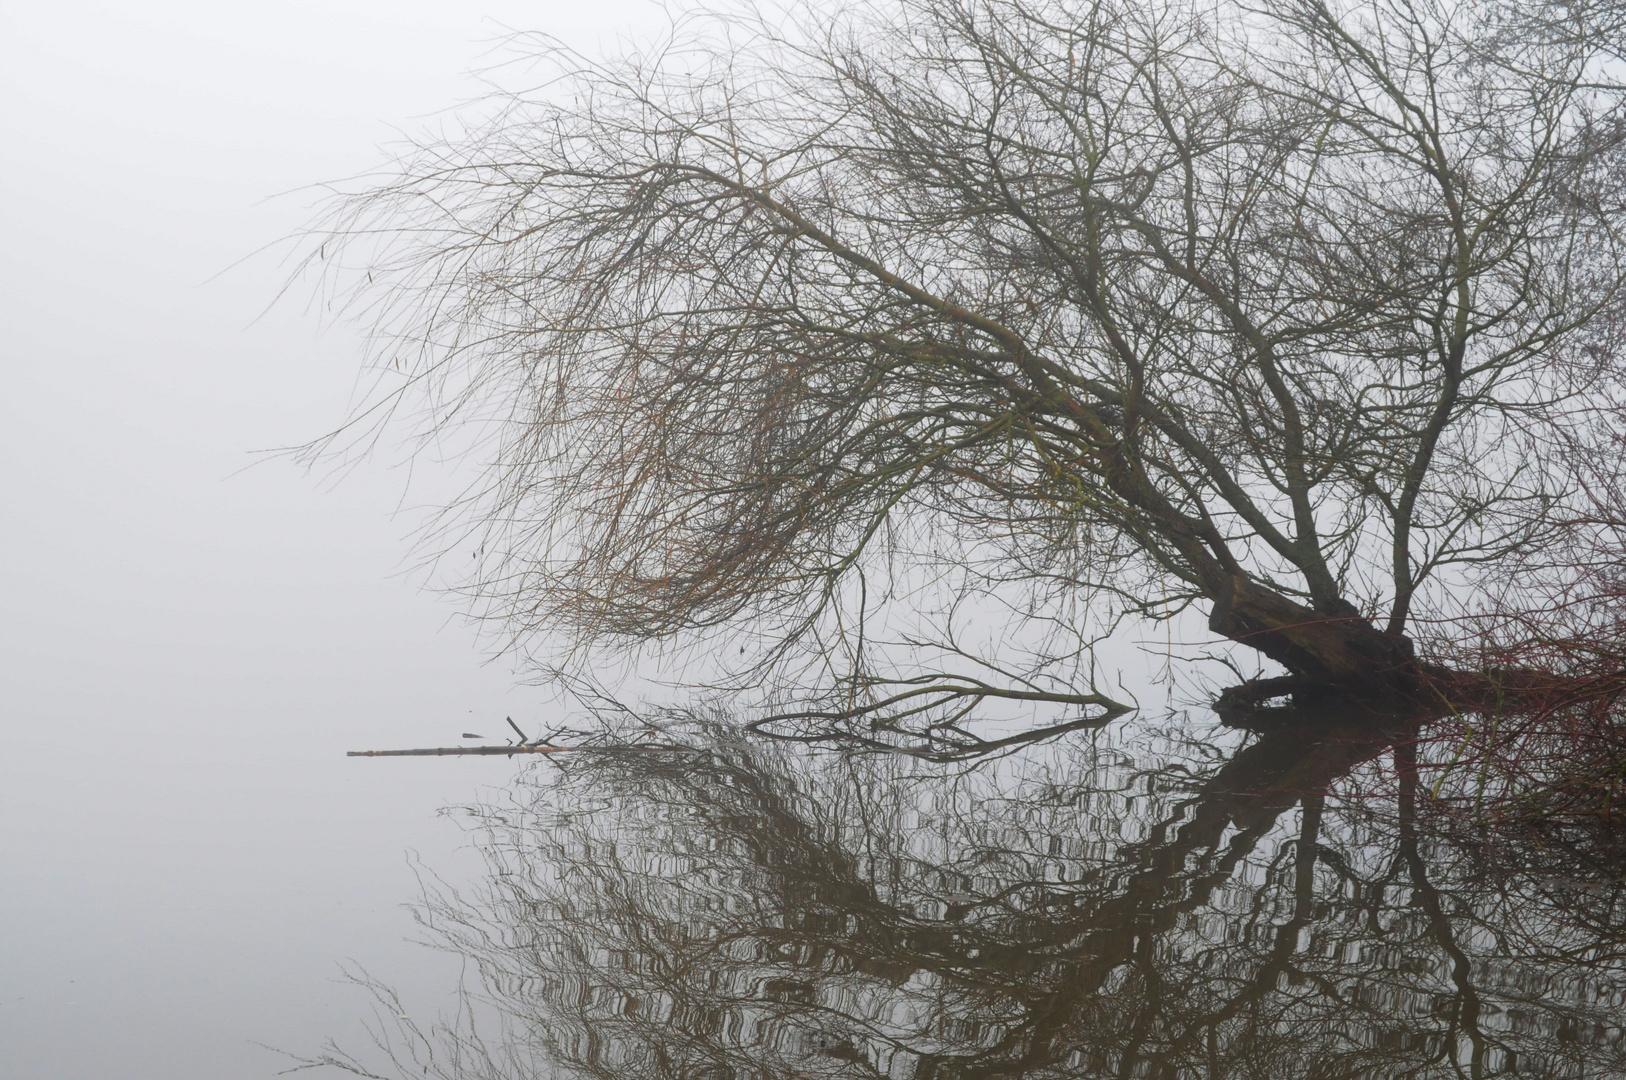 Baum im Nebel am See